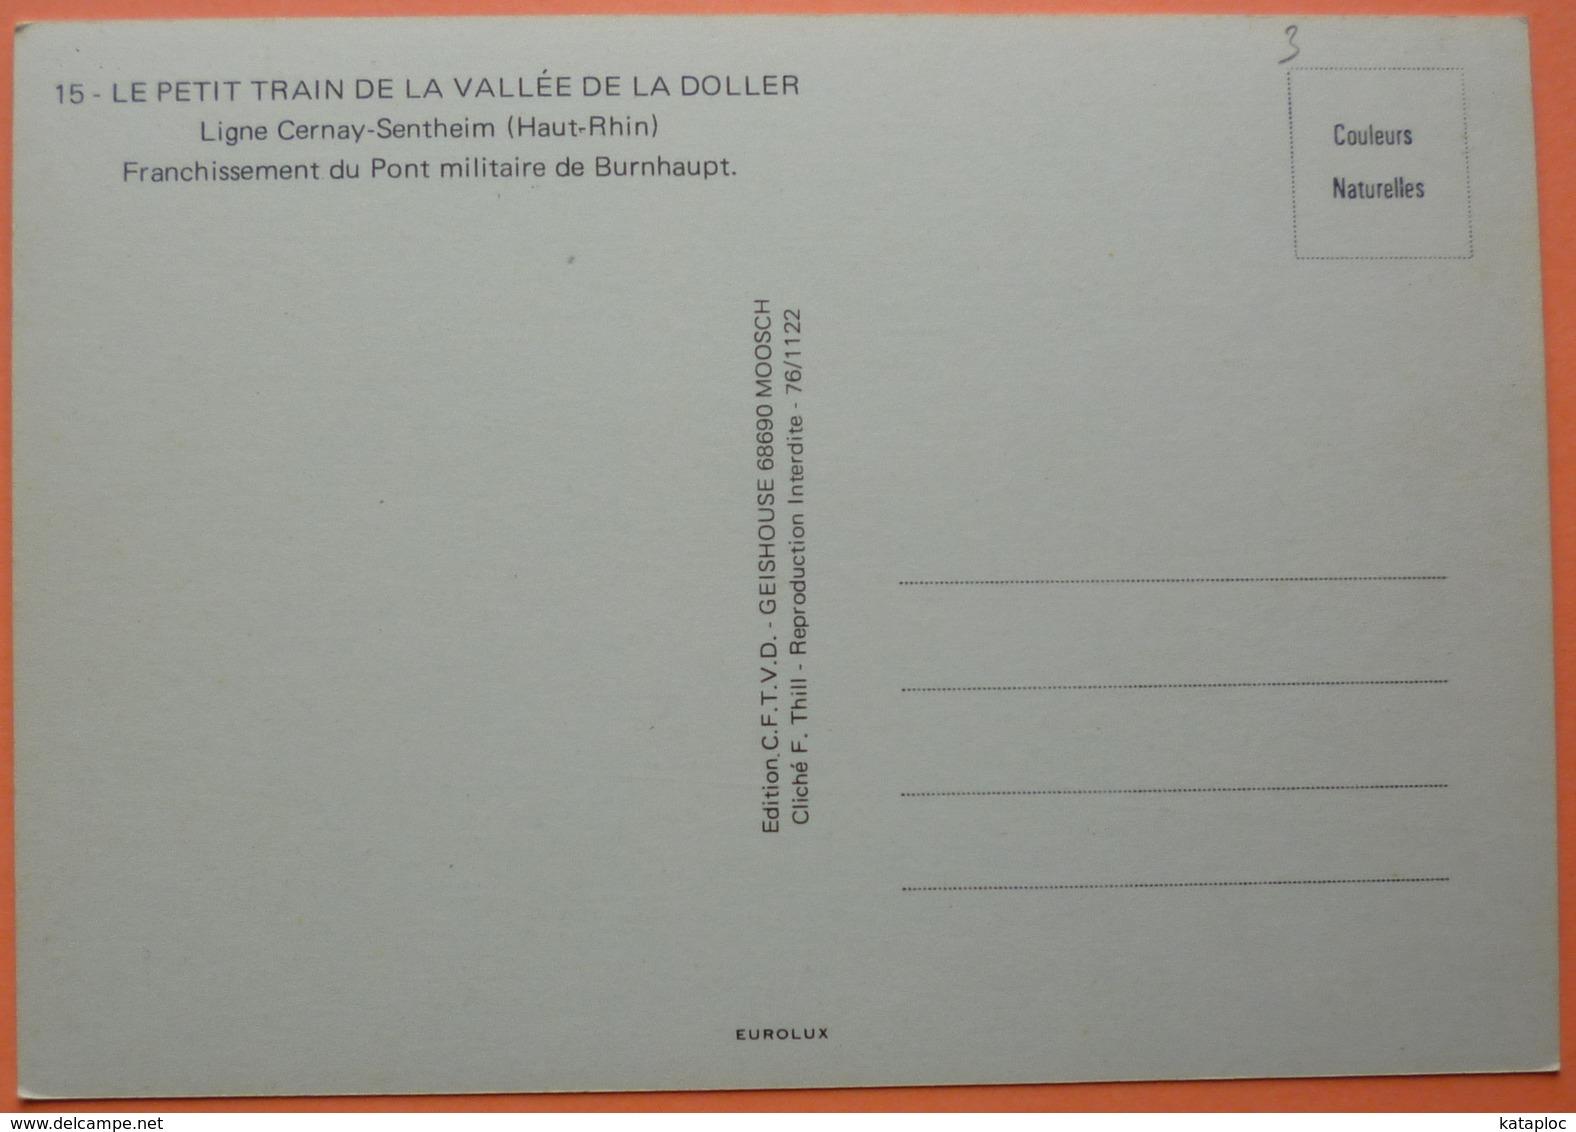 CARTE LOCOMOTIVE - PETIT TRAIN DE LA VALLEE DE LA DOLLER - LIGNE CERNAY SENTHEIM - SCANS RECTO VERSO - Trains